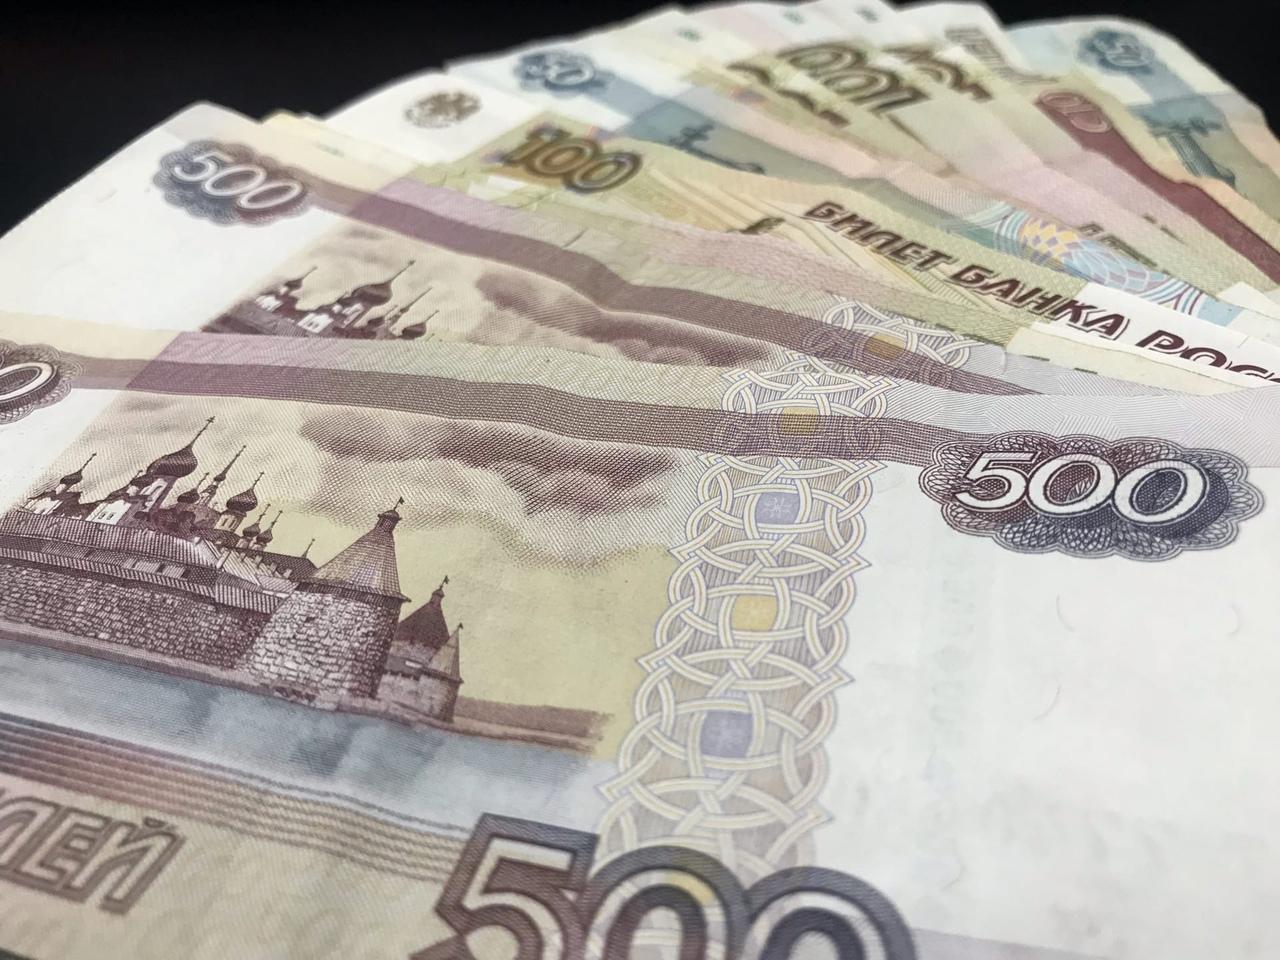 В Красногорском районе работникам предприятия задолжали 761 тысячу рублей